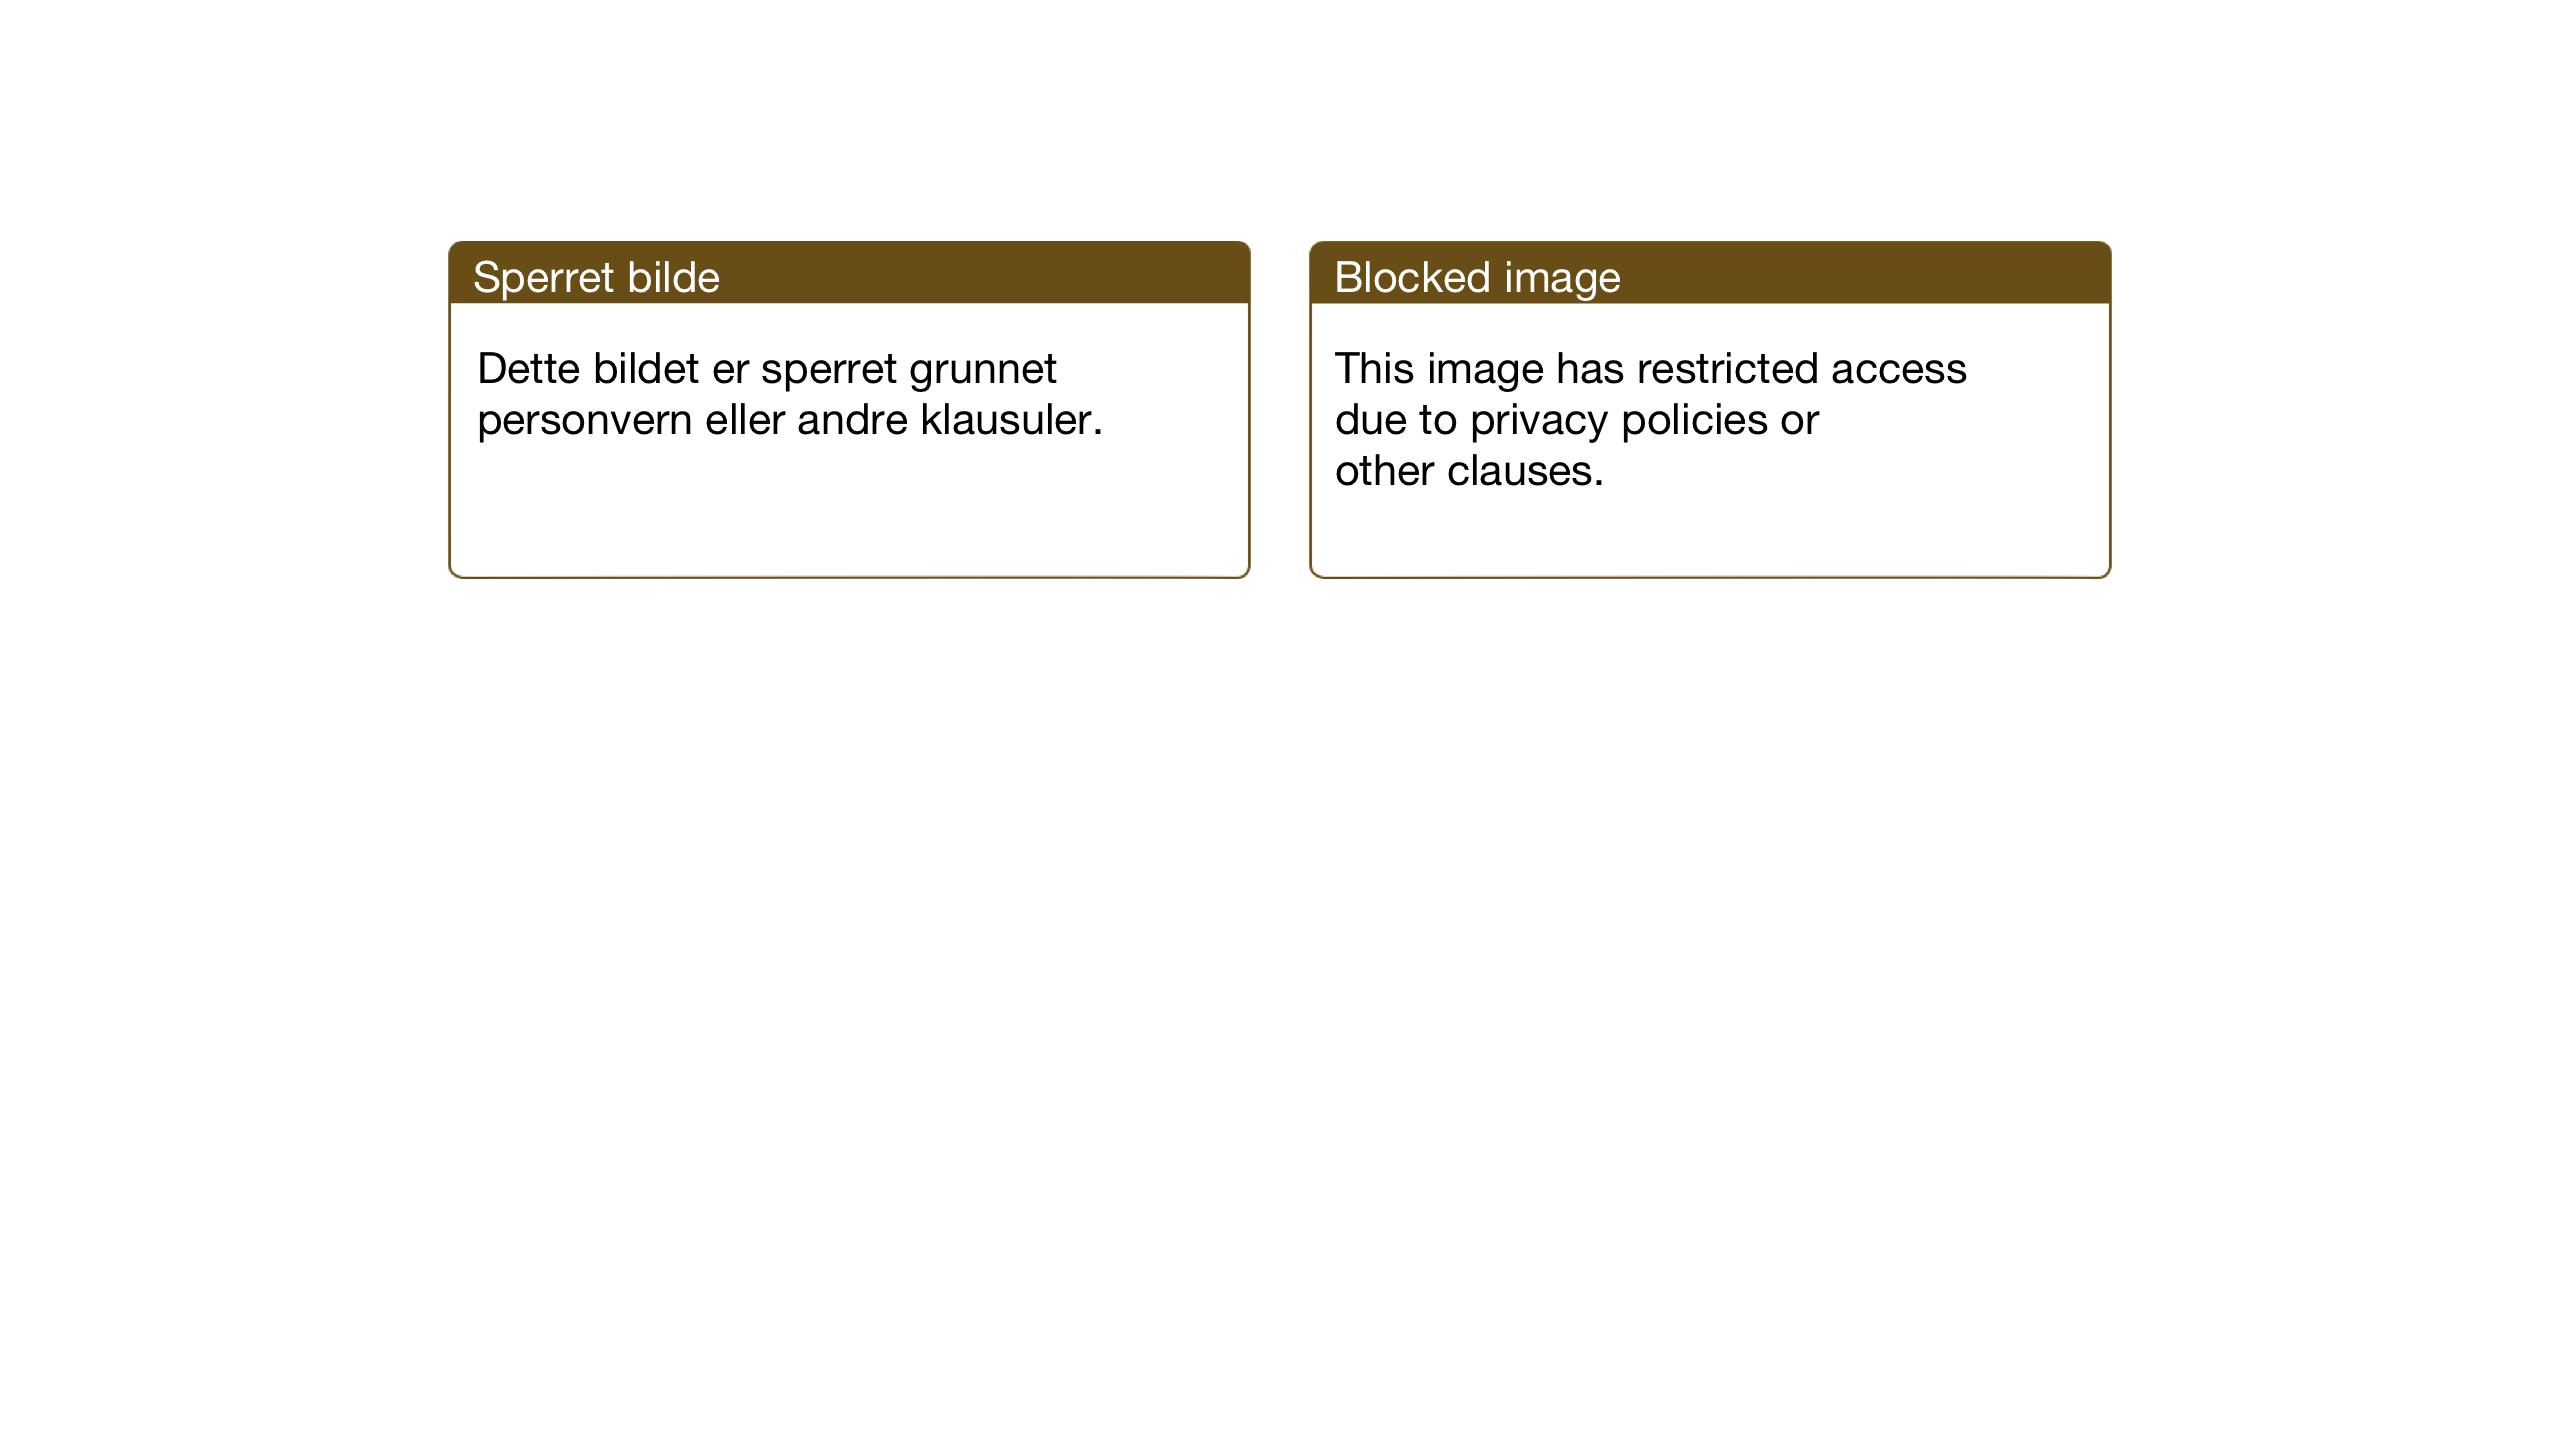 SAT, Ministerialprotokoller, klokkerbøker og fødselsregistre - Sør-Trøndelag, 689/L1045: Klokkerbok nr. 689C04, 1923-1940, s. 141